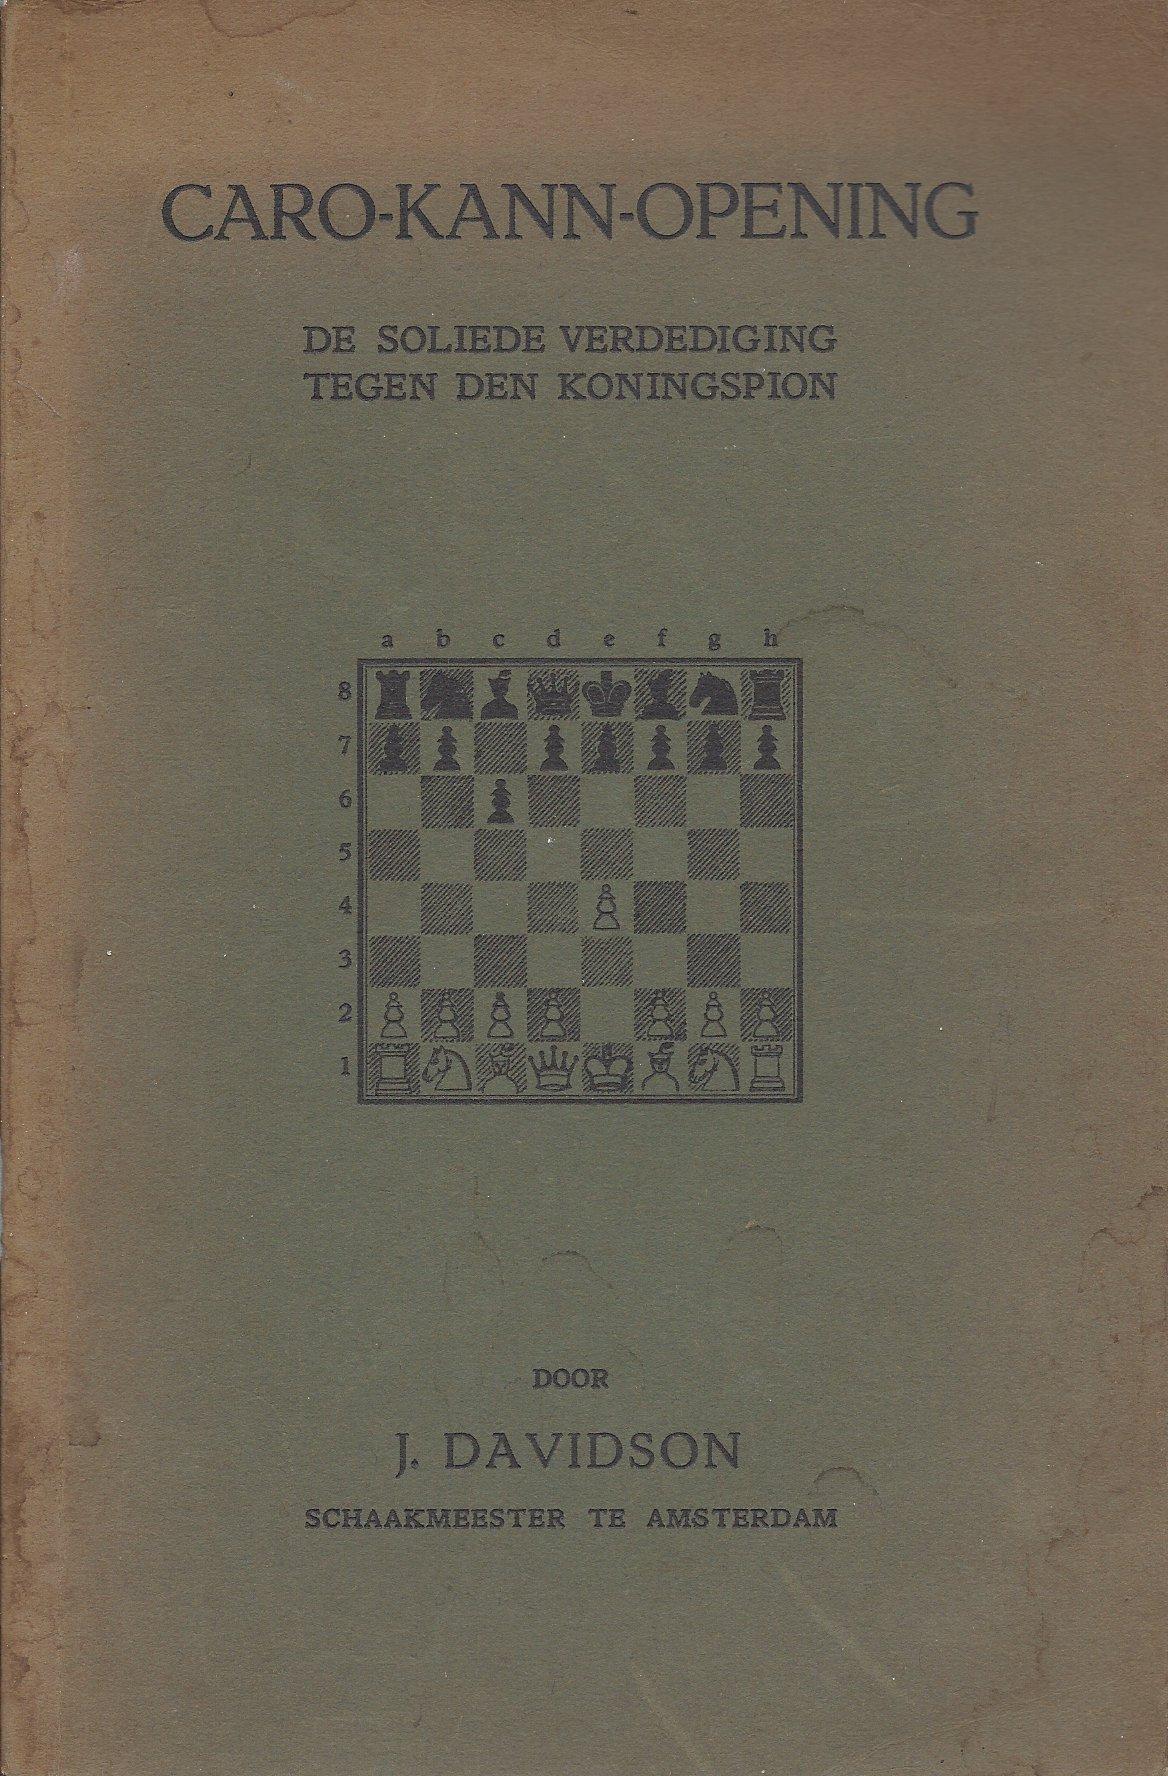 DAVIDSON, J - Caro - Kann - opening.  -De solide verdediging tegen den koningspion.